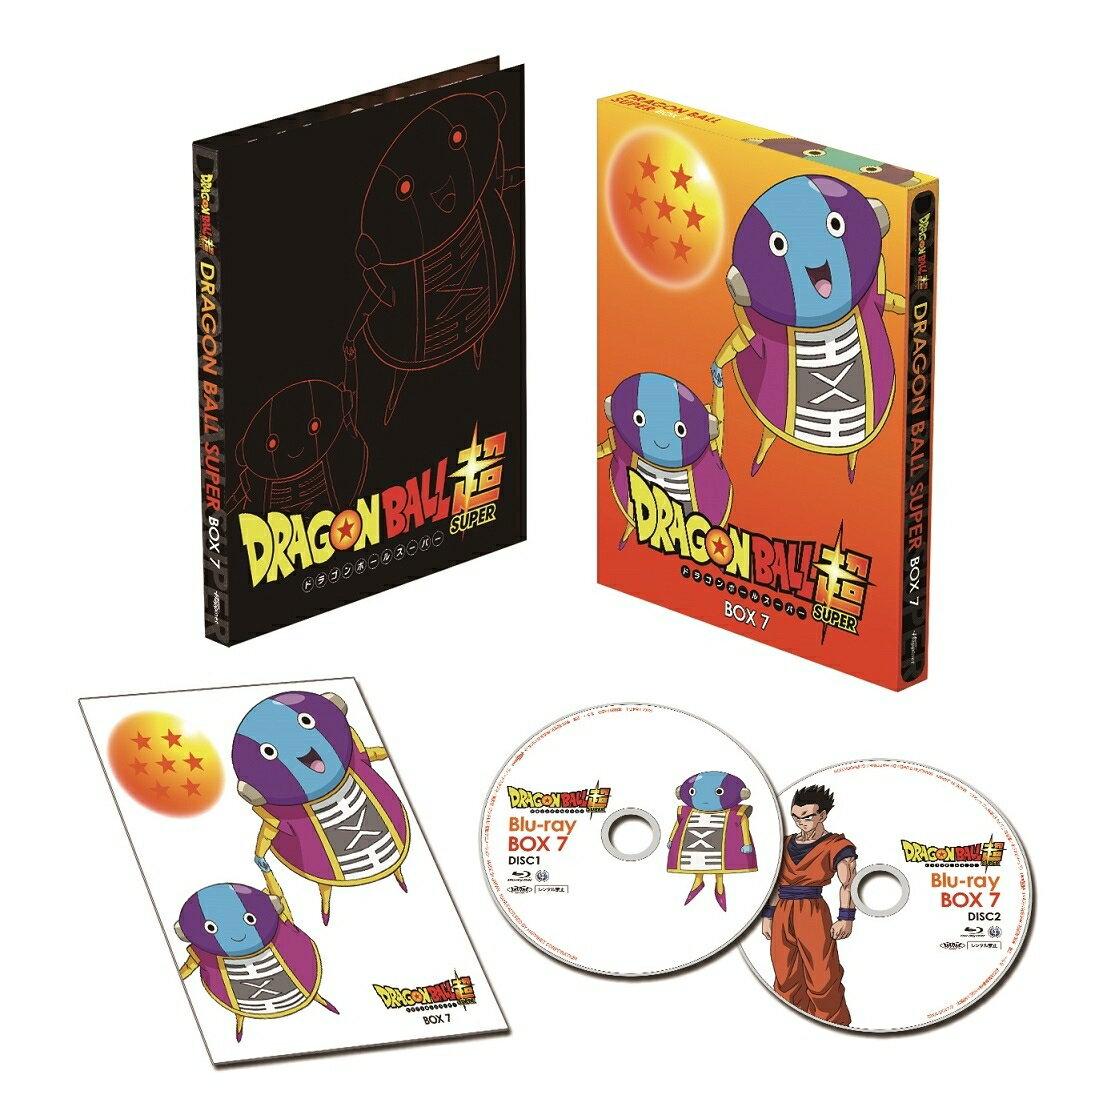 ドラゴンボール超 Blu-ray BOX7【Bl...の商品画像